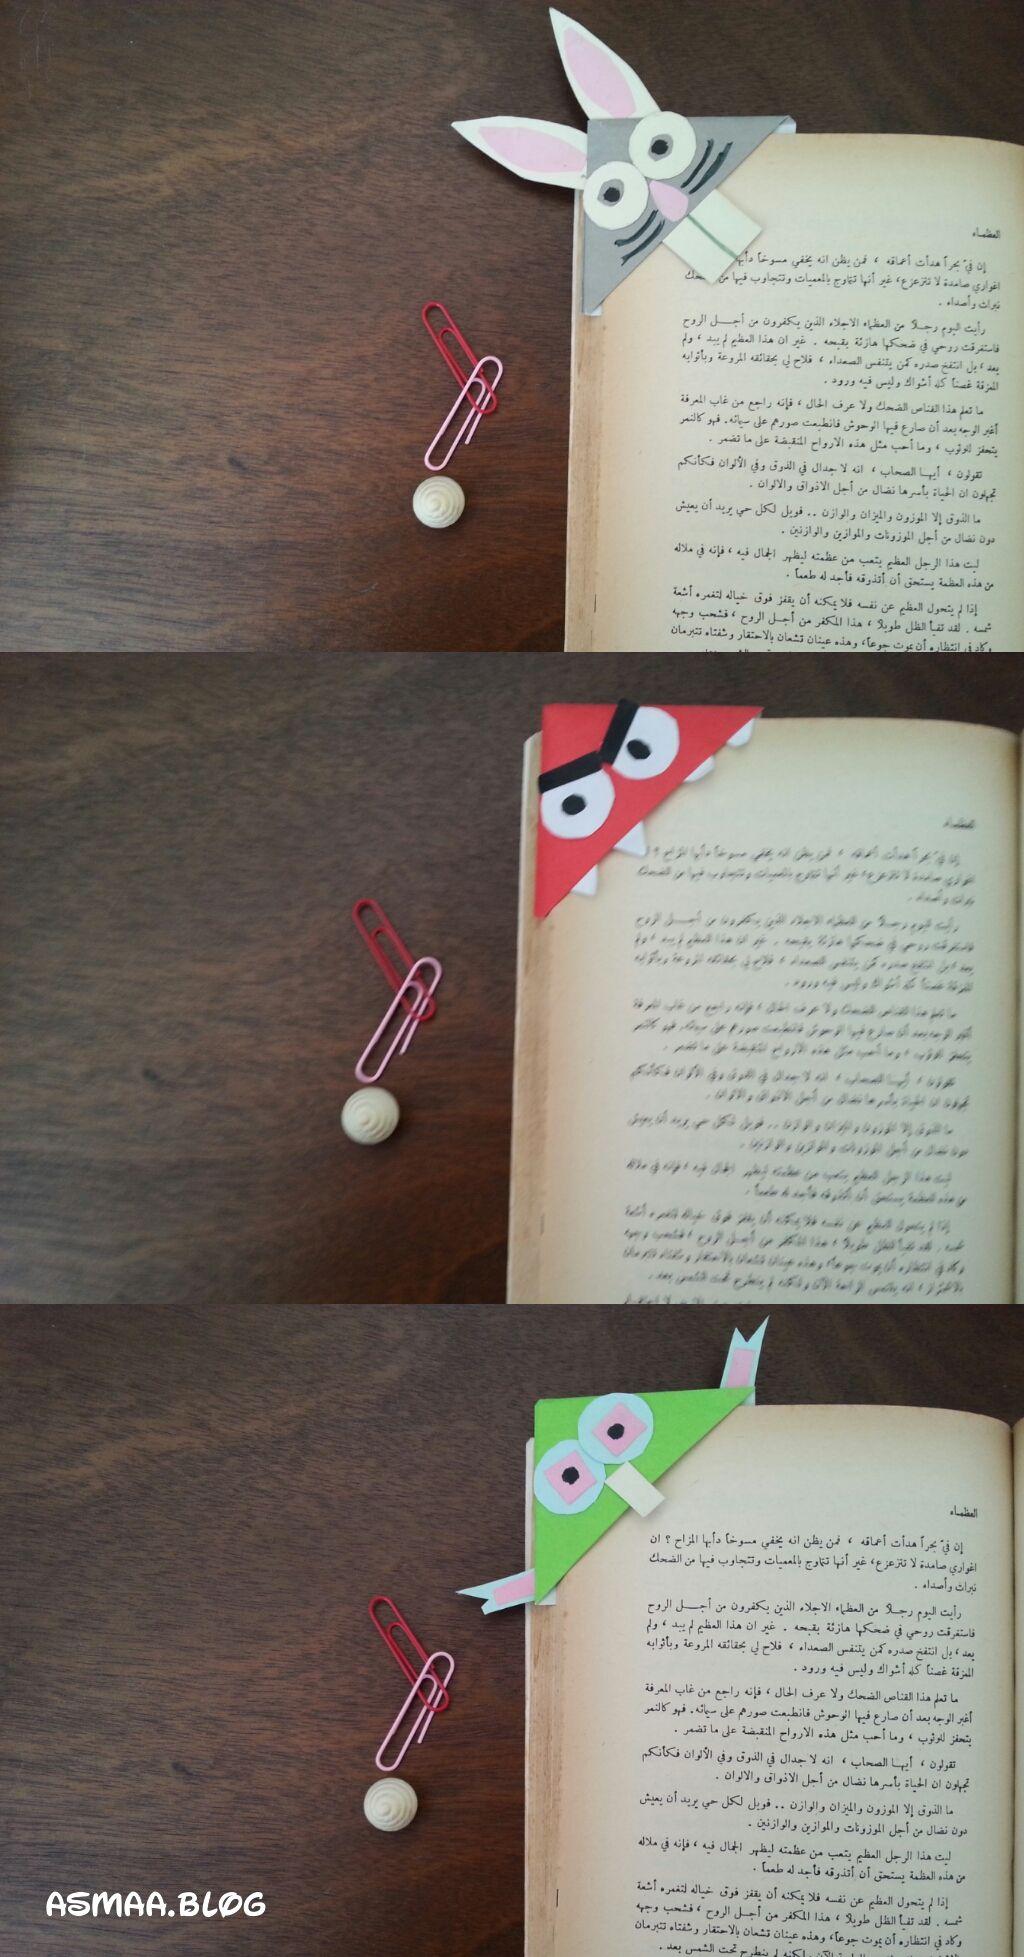 اشكال لطيفة من فواصل الكتب Bookmarks Diy Bookmarks Books Crochet